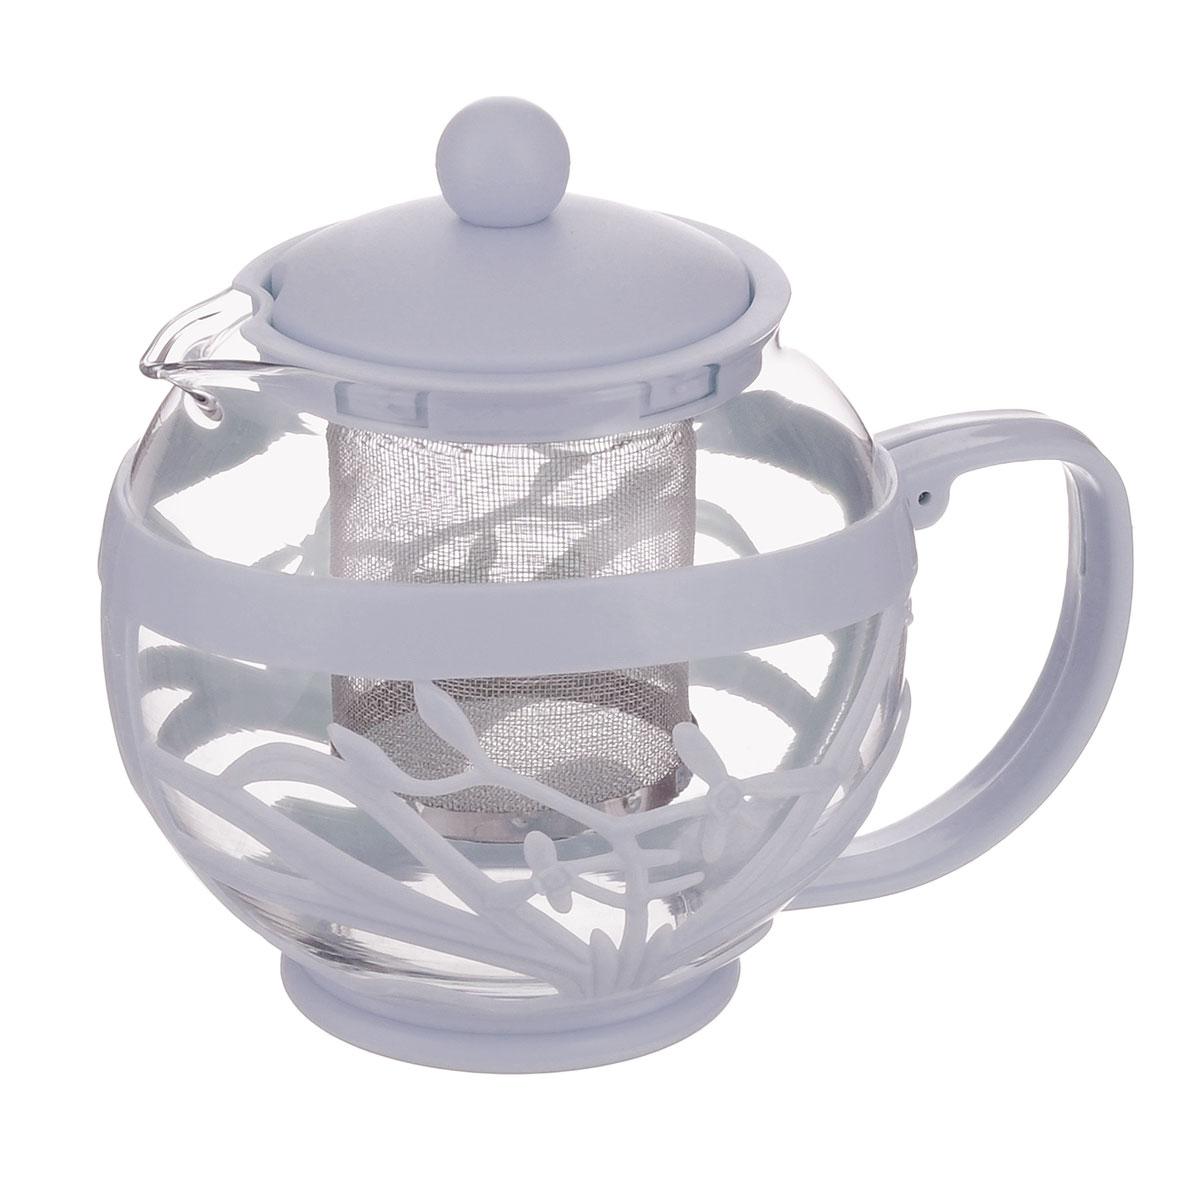 Чайник заварочный Menu Мелисса, с фильтром, цвет: прозрачный, серый, 750 мл68/5/2Чайник Menu Мелисса изготовлен из прочного стекла и пластика. Он прекрасно подойдет для заваривания чая и травяных напитков. Классический стиль и оптимальный объем делают его удобным и оригинальным аксессуаром. Изделие имеет удлиненный металлический фильтр, который обеспечивает высокое качество фильтрации напитка и позволяет заварить чай даже при небольшом уровне воды. Ручка чайника не нагревается и обеспечивает безопасность использования. Нельзя мыть в посудомоечной машине. Диаметр чайника (по верхнему краю): 8 см.Высота чайника (без учета крышки): 11 см.Размер фильтра: 6 х 6 х 7,2 см.